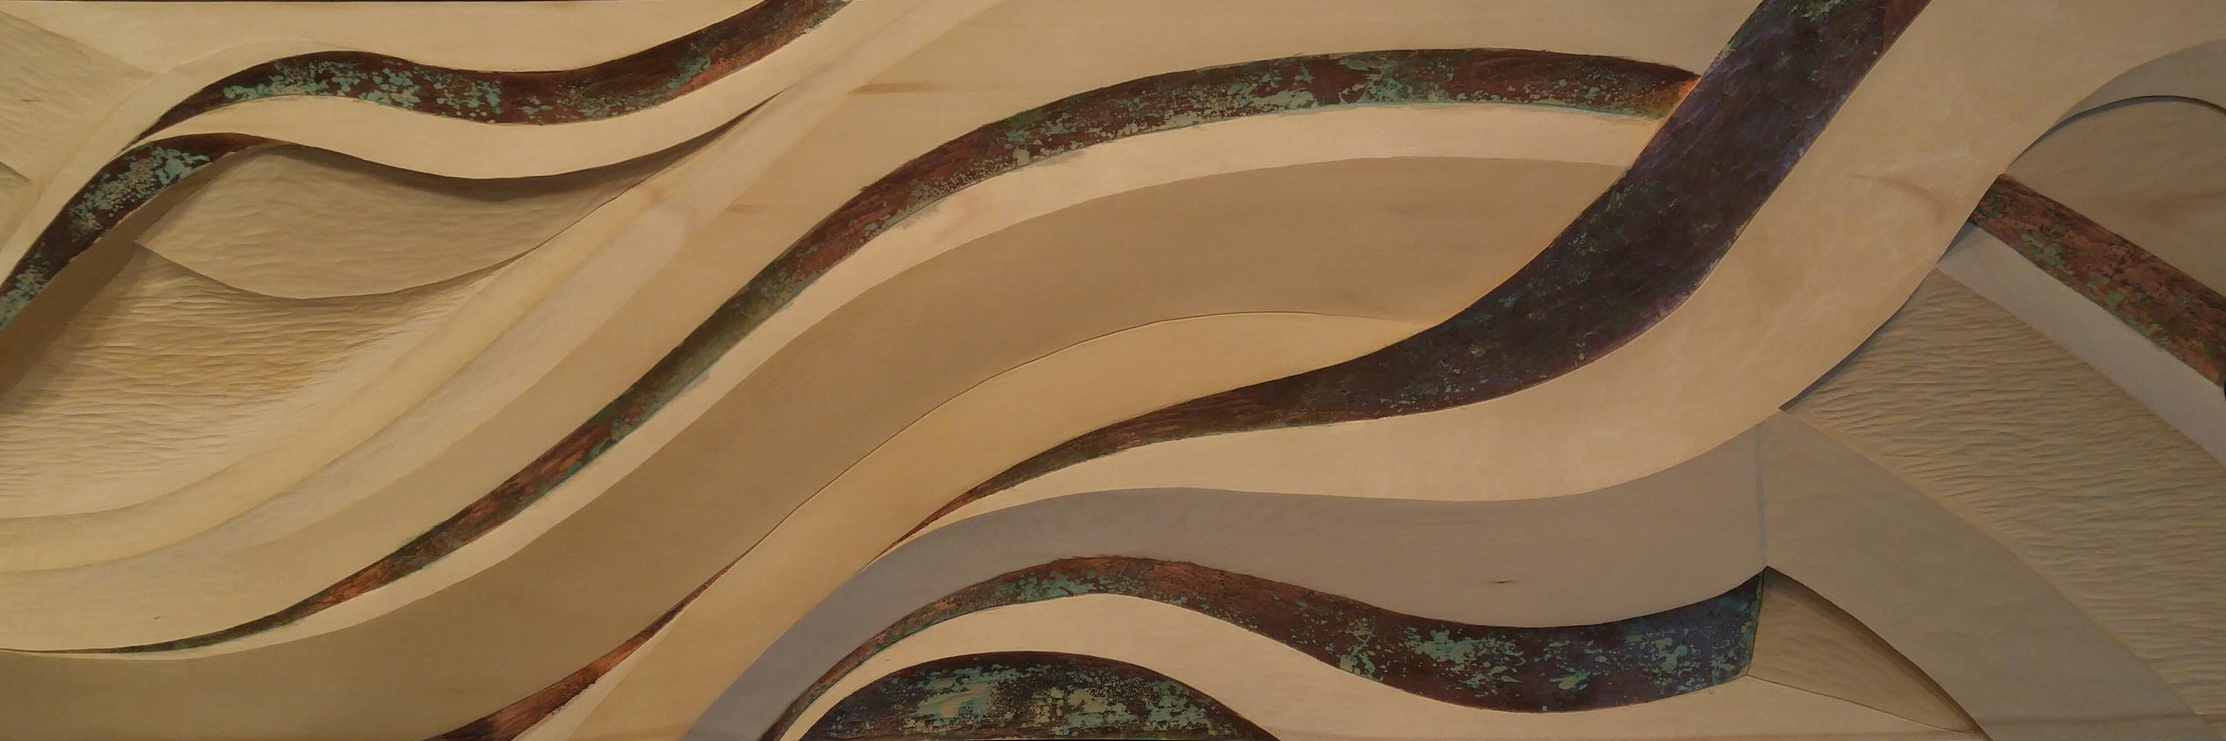 Flow - Yellow cedar, copper lead - (2014)